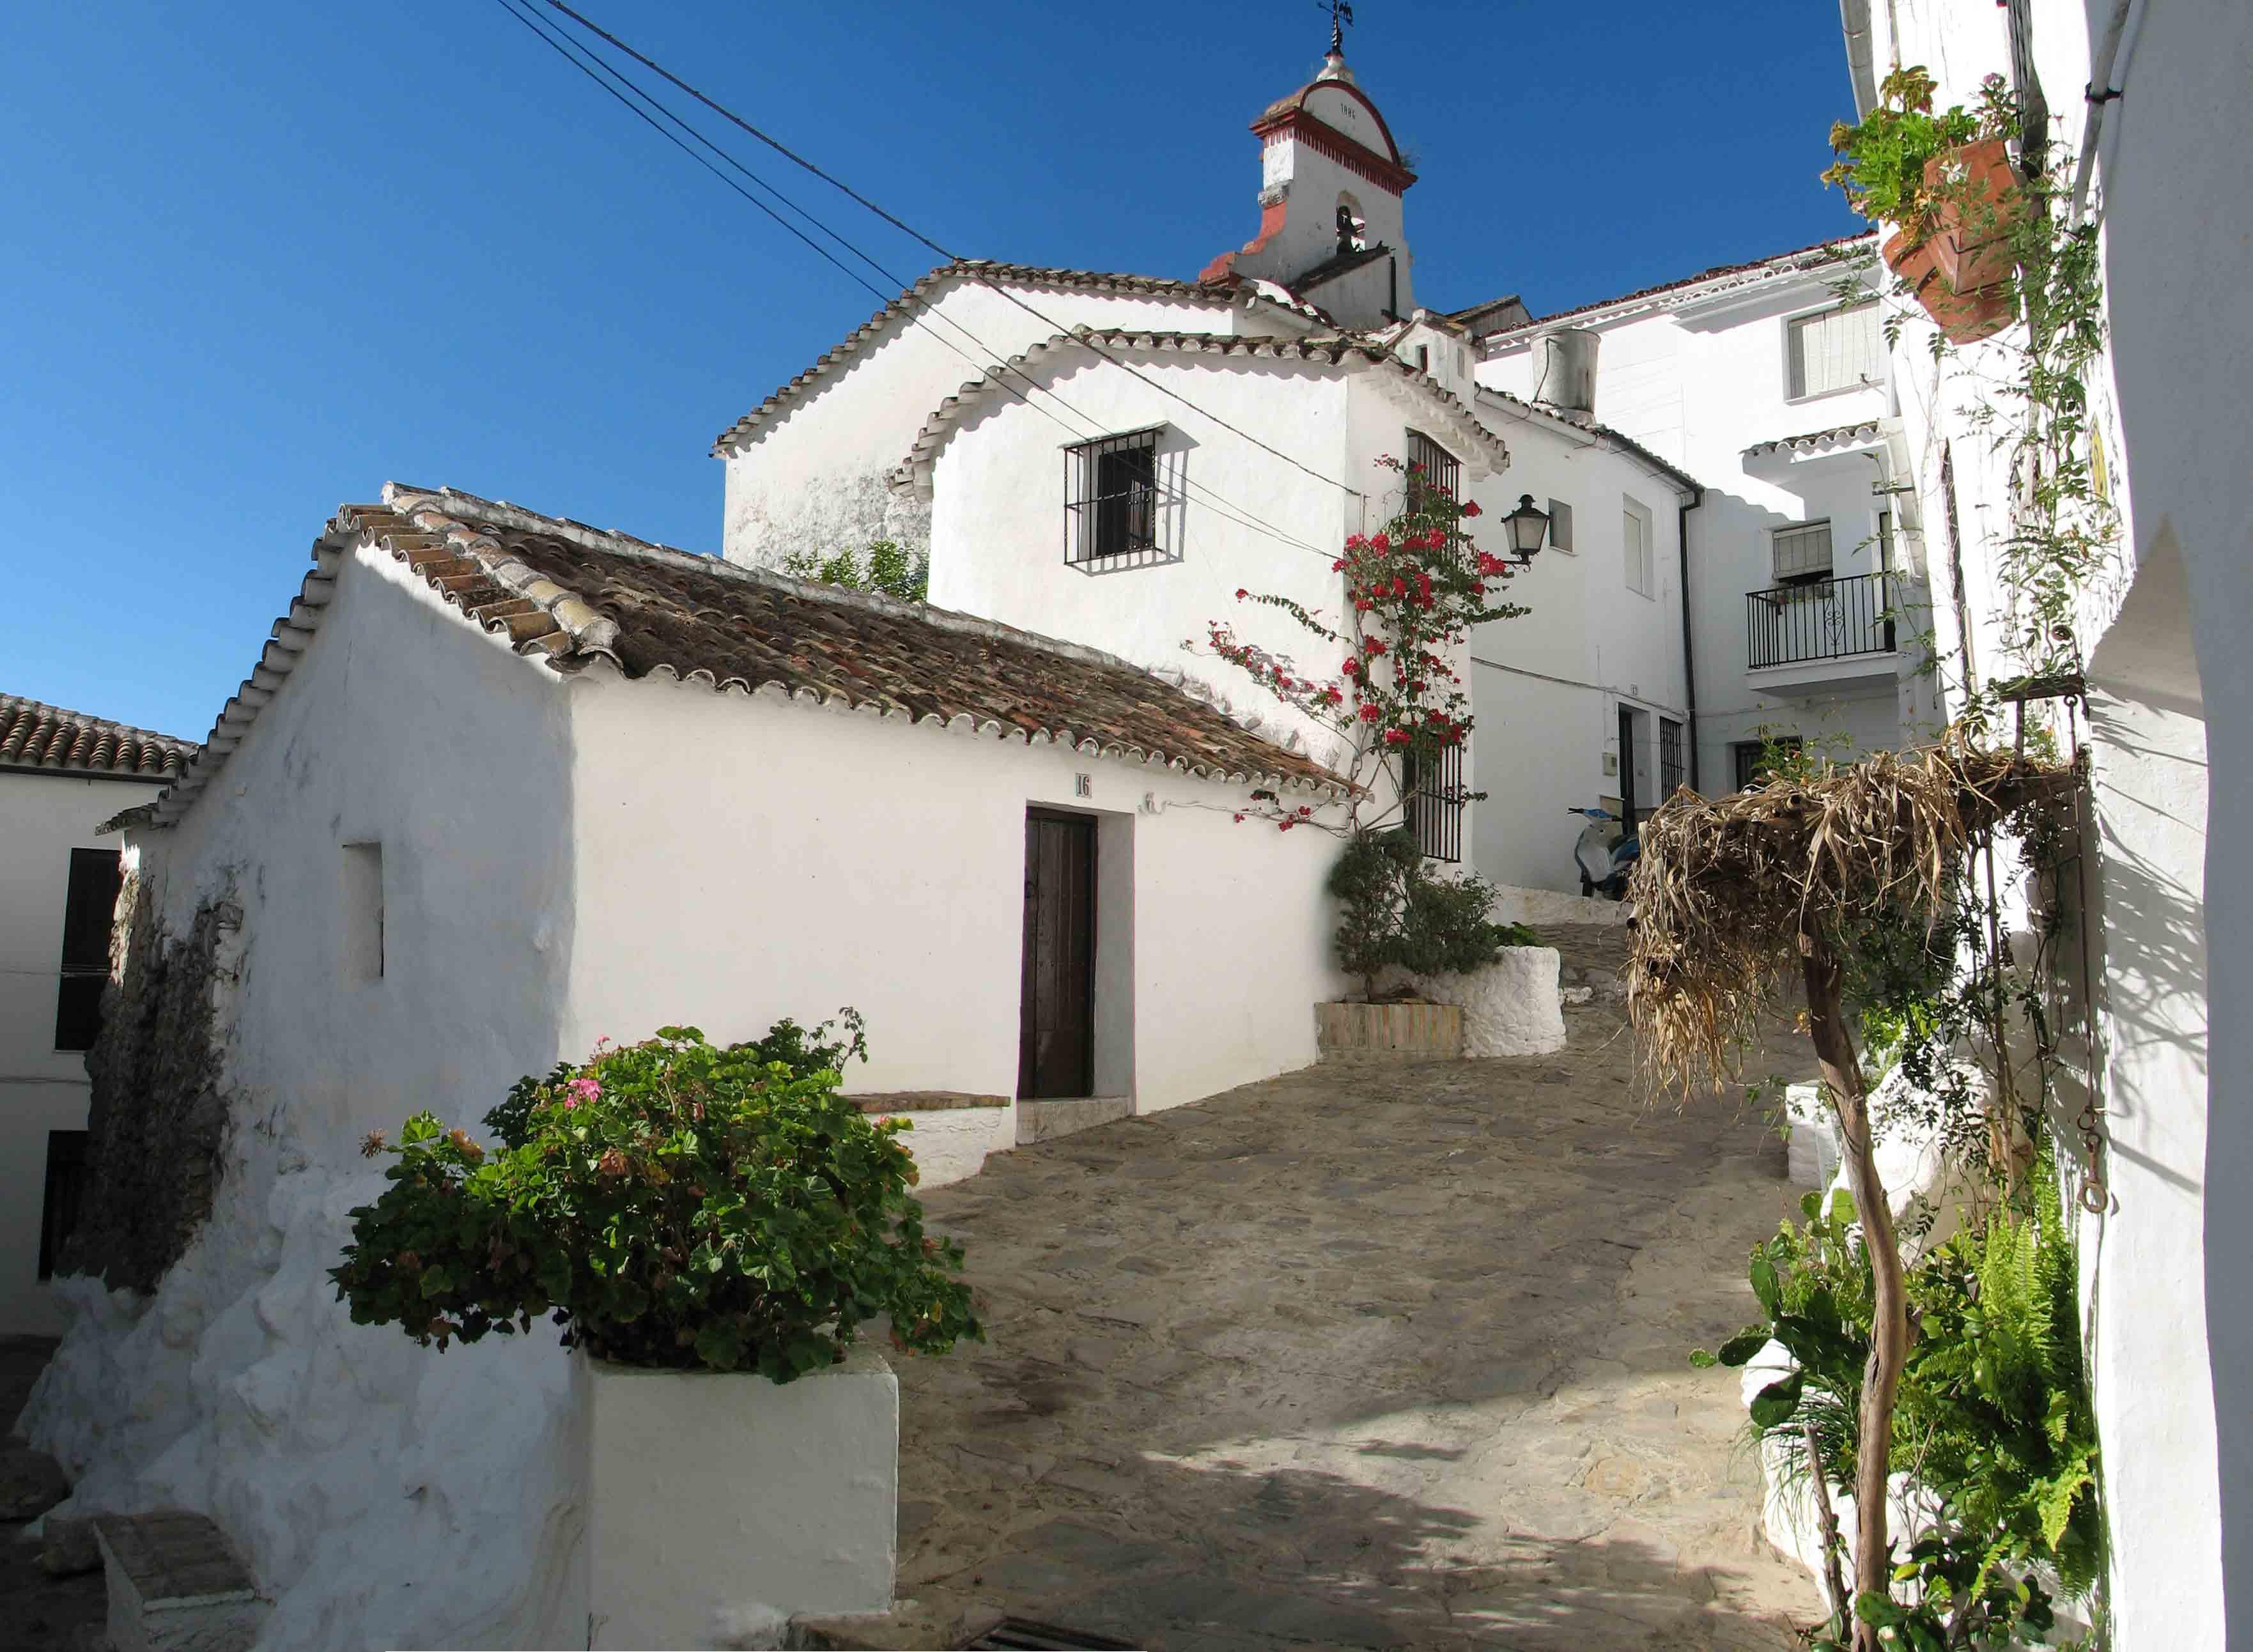 Casas rurales en ubrique cadiz alquiler - Casas de alquiler en cadiz ...